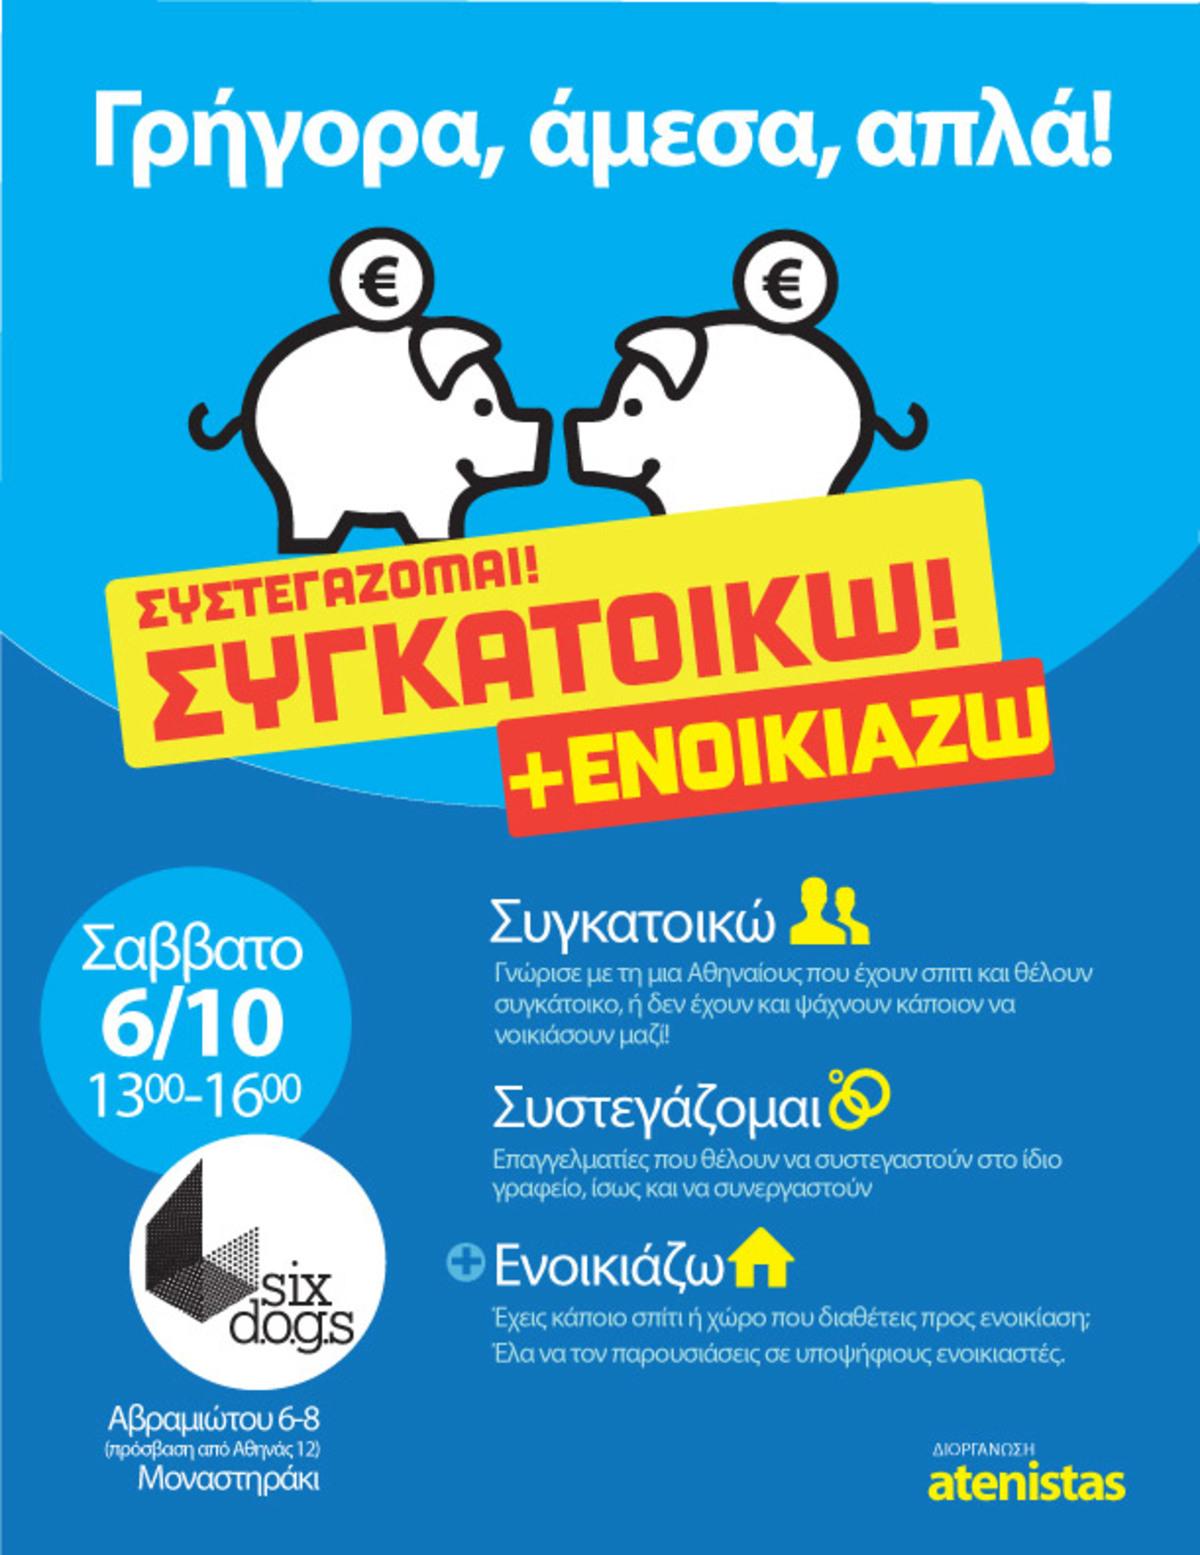 «Συγκατοικώ, συστεγάζομαι, ενοικιάζω» η δράση των Atenistas | Newsit.gr